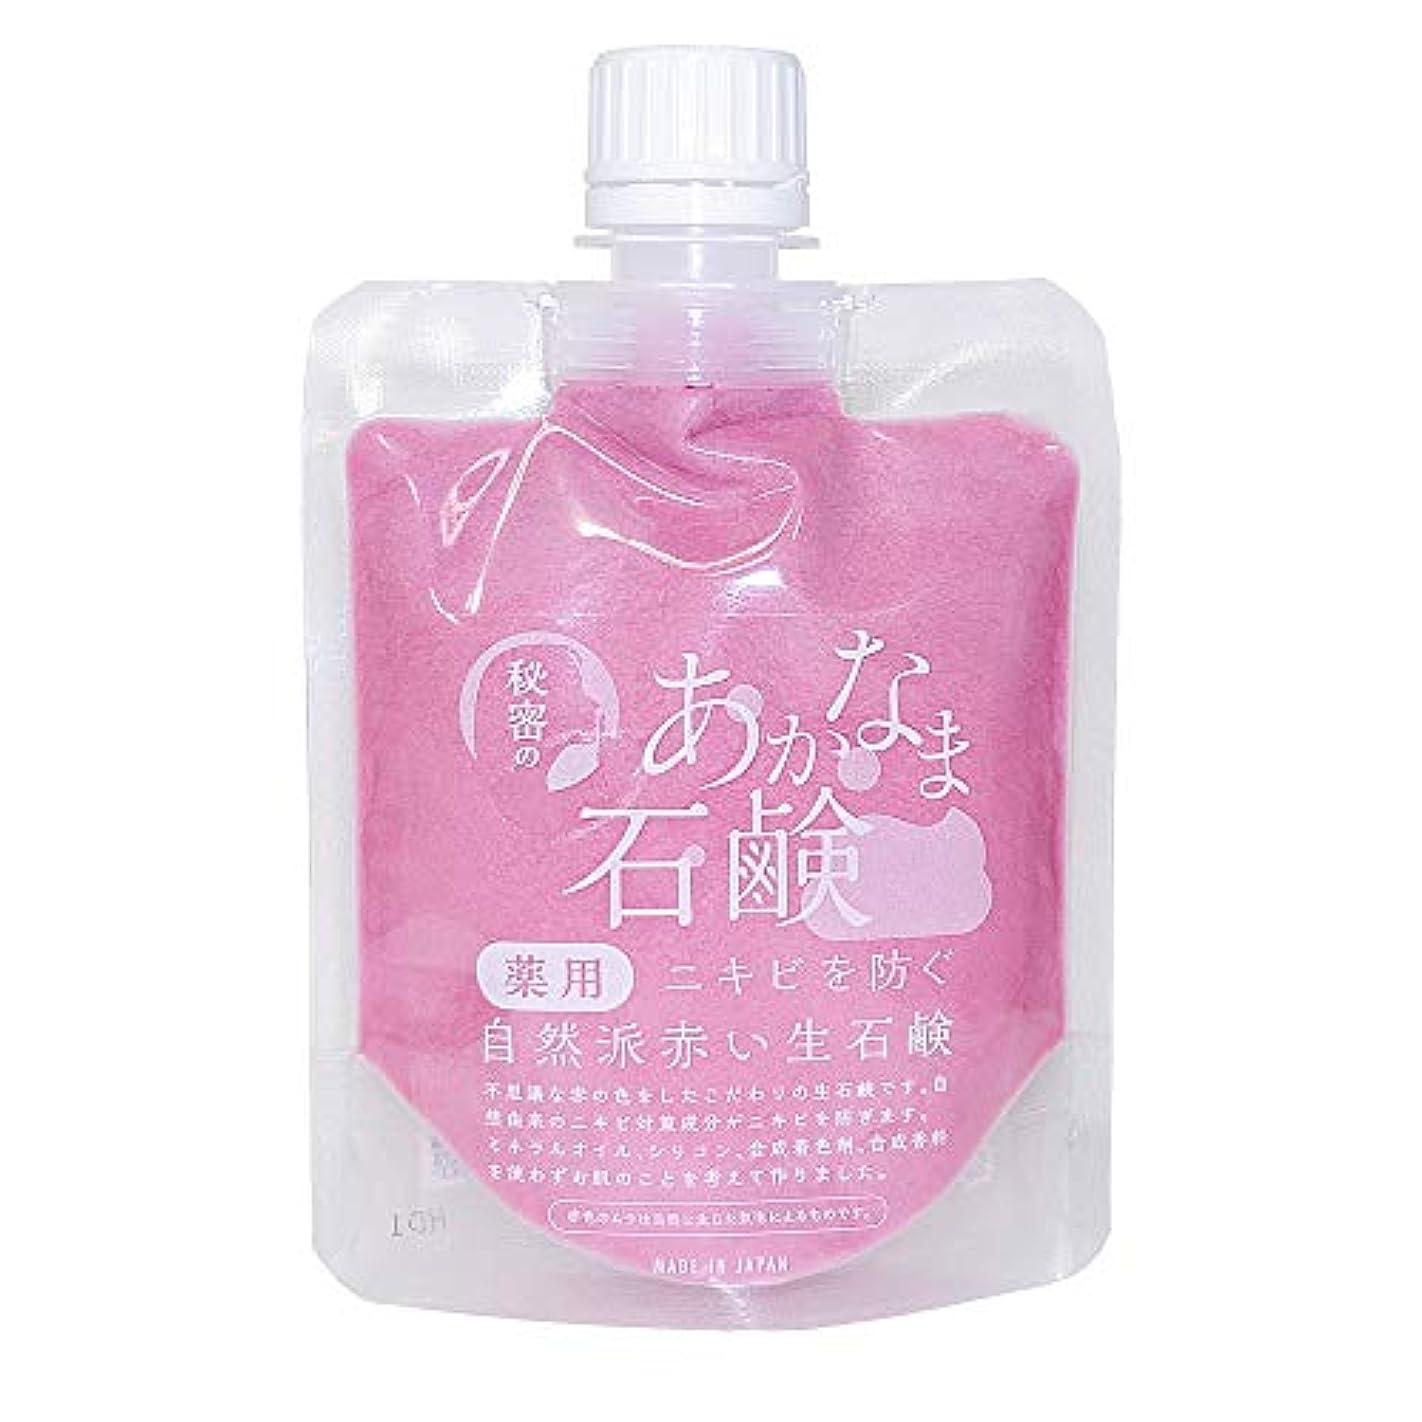 【医薬部外品】秘密のあかなま石鹸 大人にきび洗顔料 120g 生石鹸 合成着色料不使用 大人 ニキビ 女子 ニキビケア